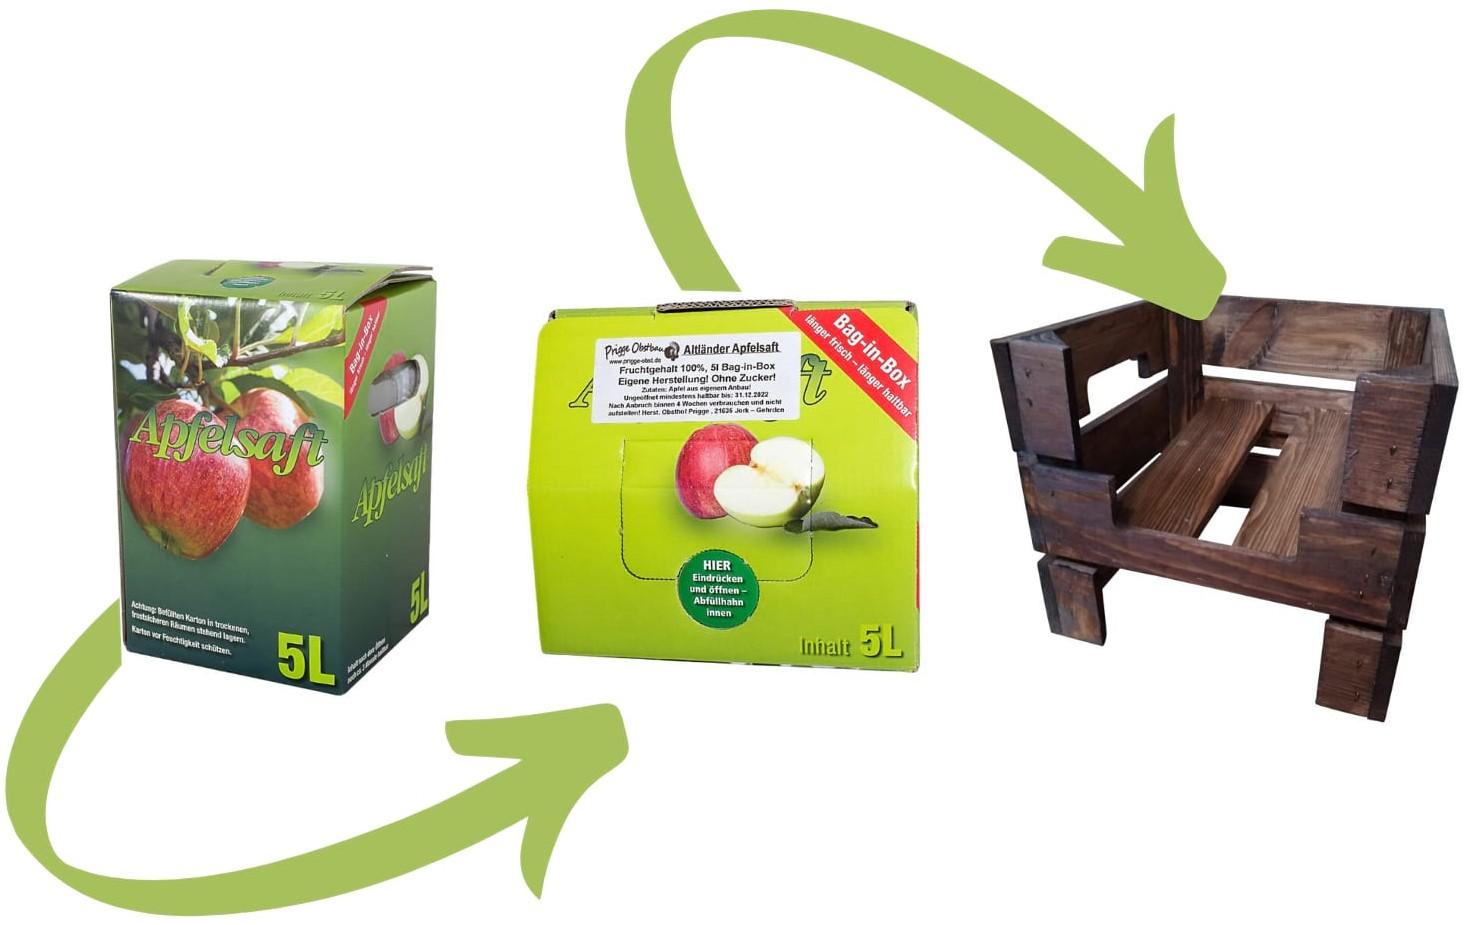 Praktisches Untergestell + 5 Liter Apfelaftbox - im Holzkisten Design - used 29x25x29cm